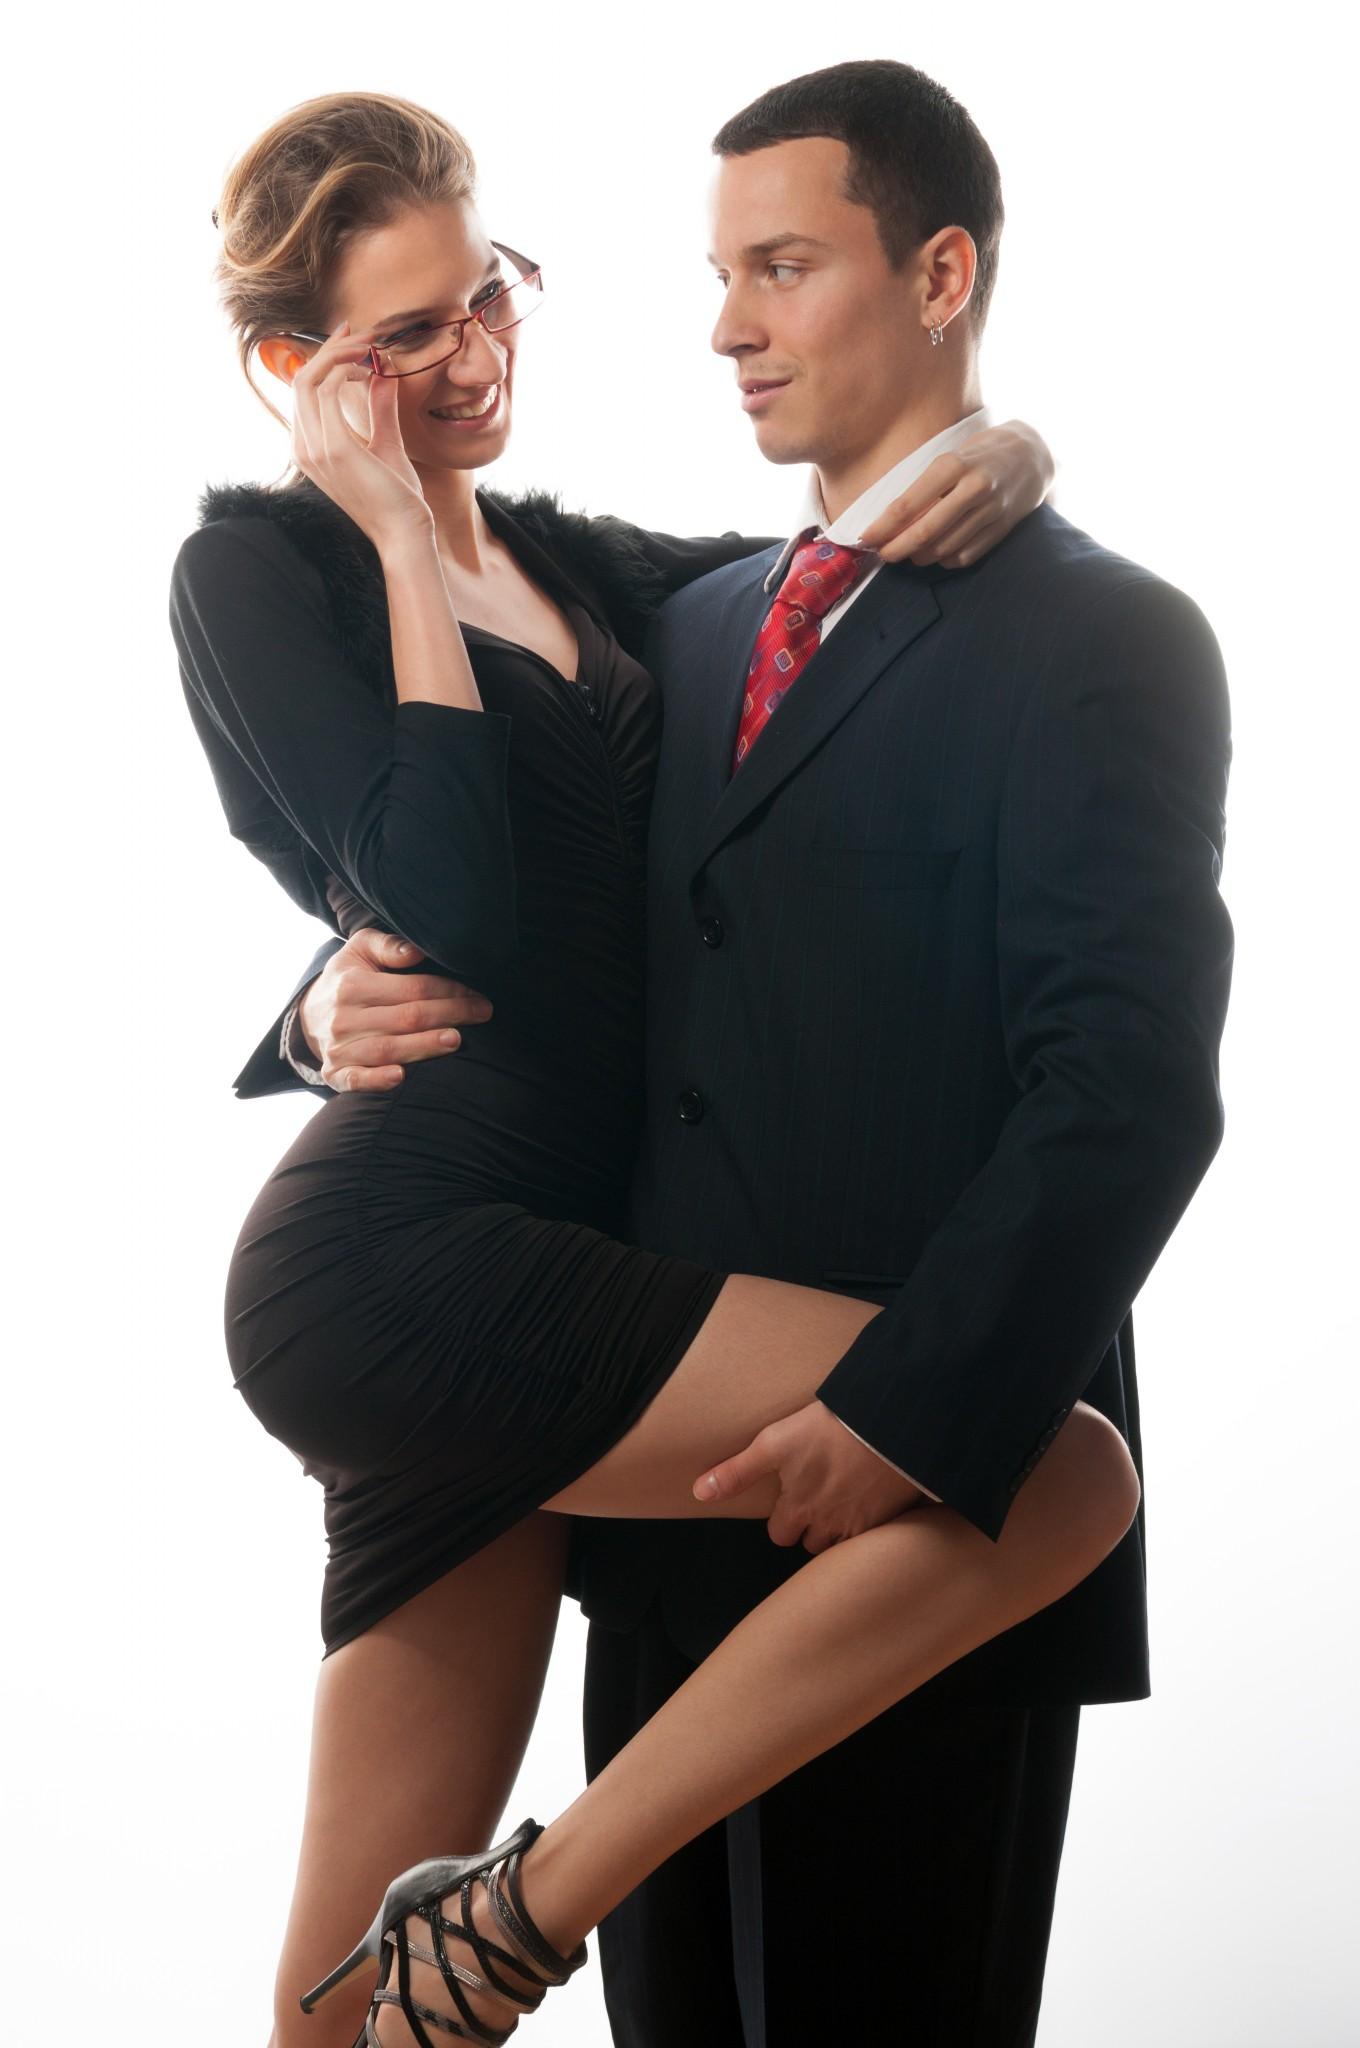 theme, will amerikanische mädchen flirten opinion obvious